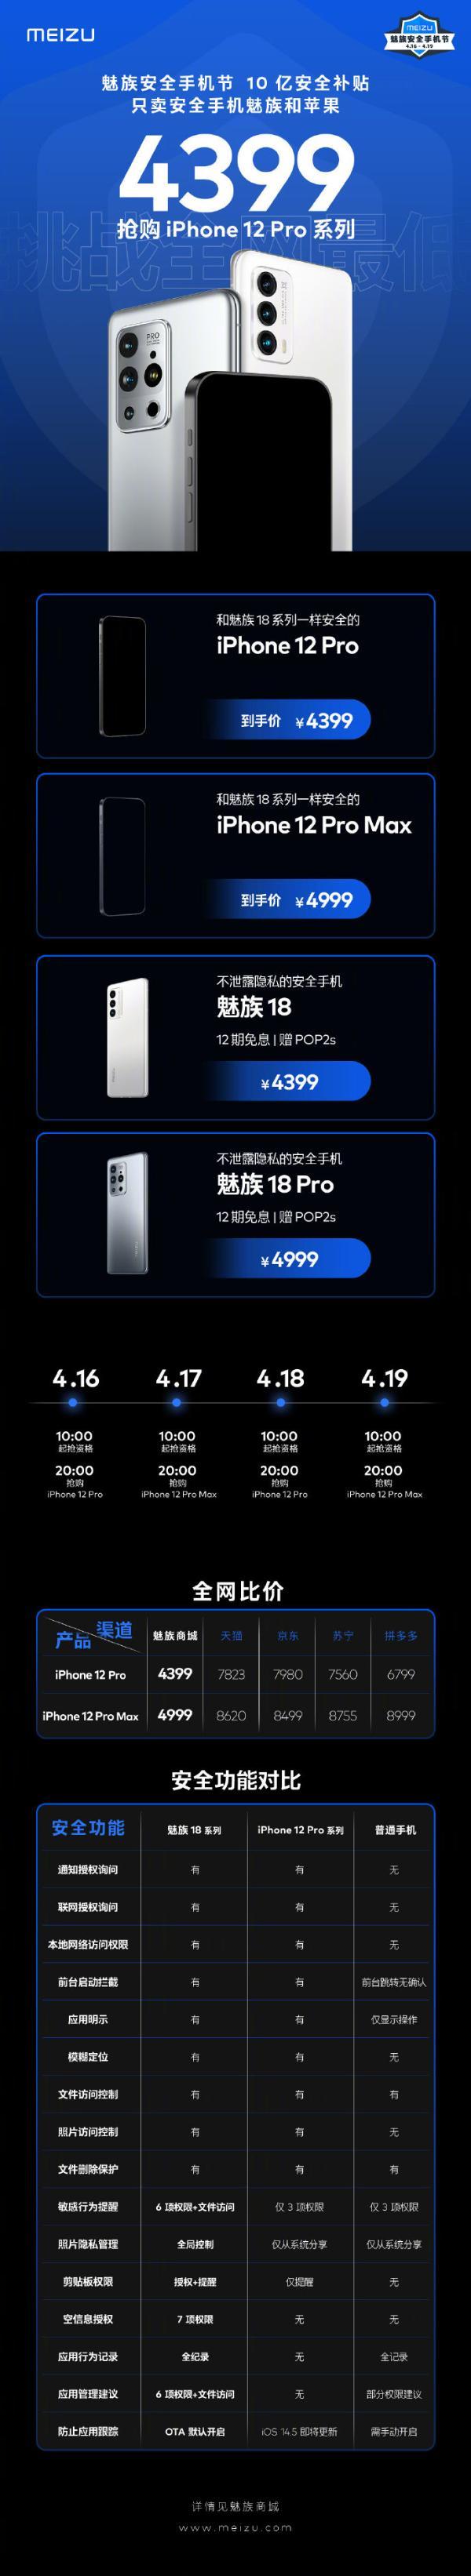 魅族商城正式开卖iPhone:iPhone12 Pro到手仅4399元